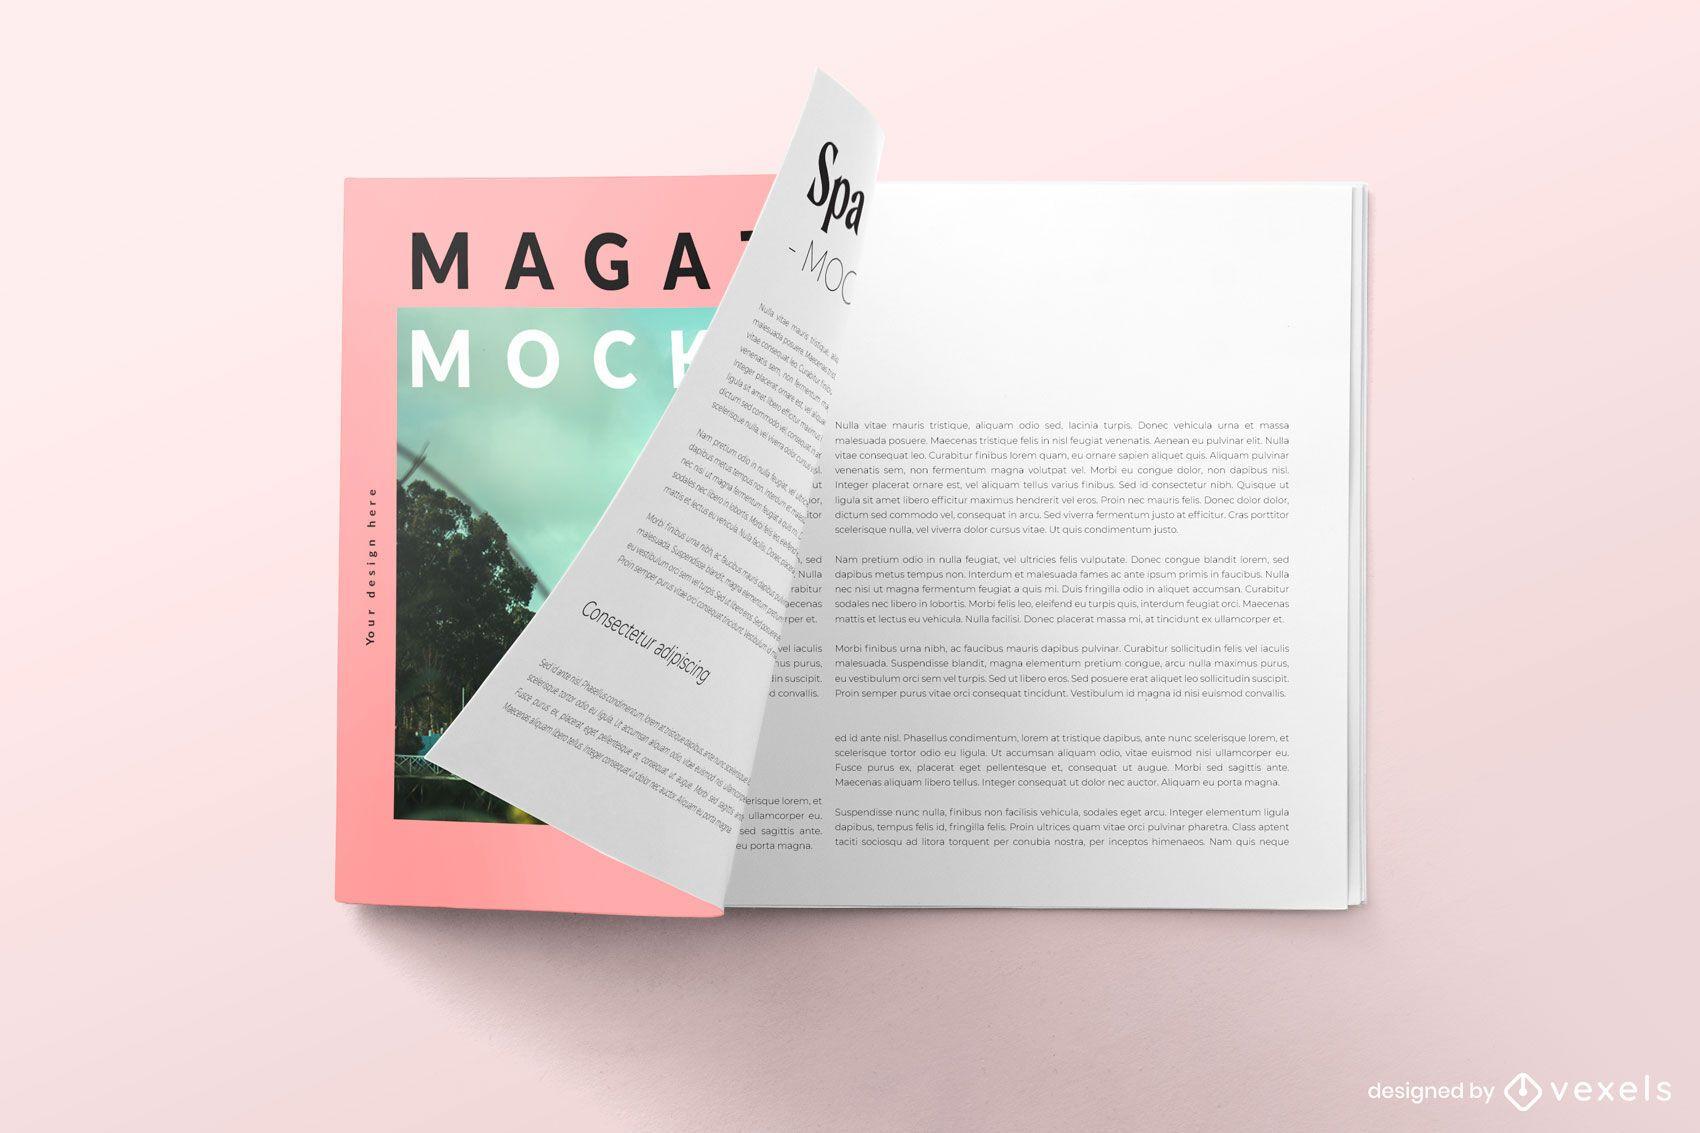 Diseño de maqueta psd de revista abierta